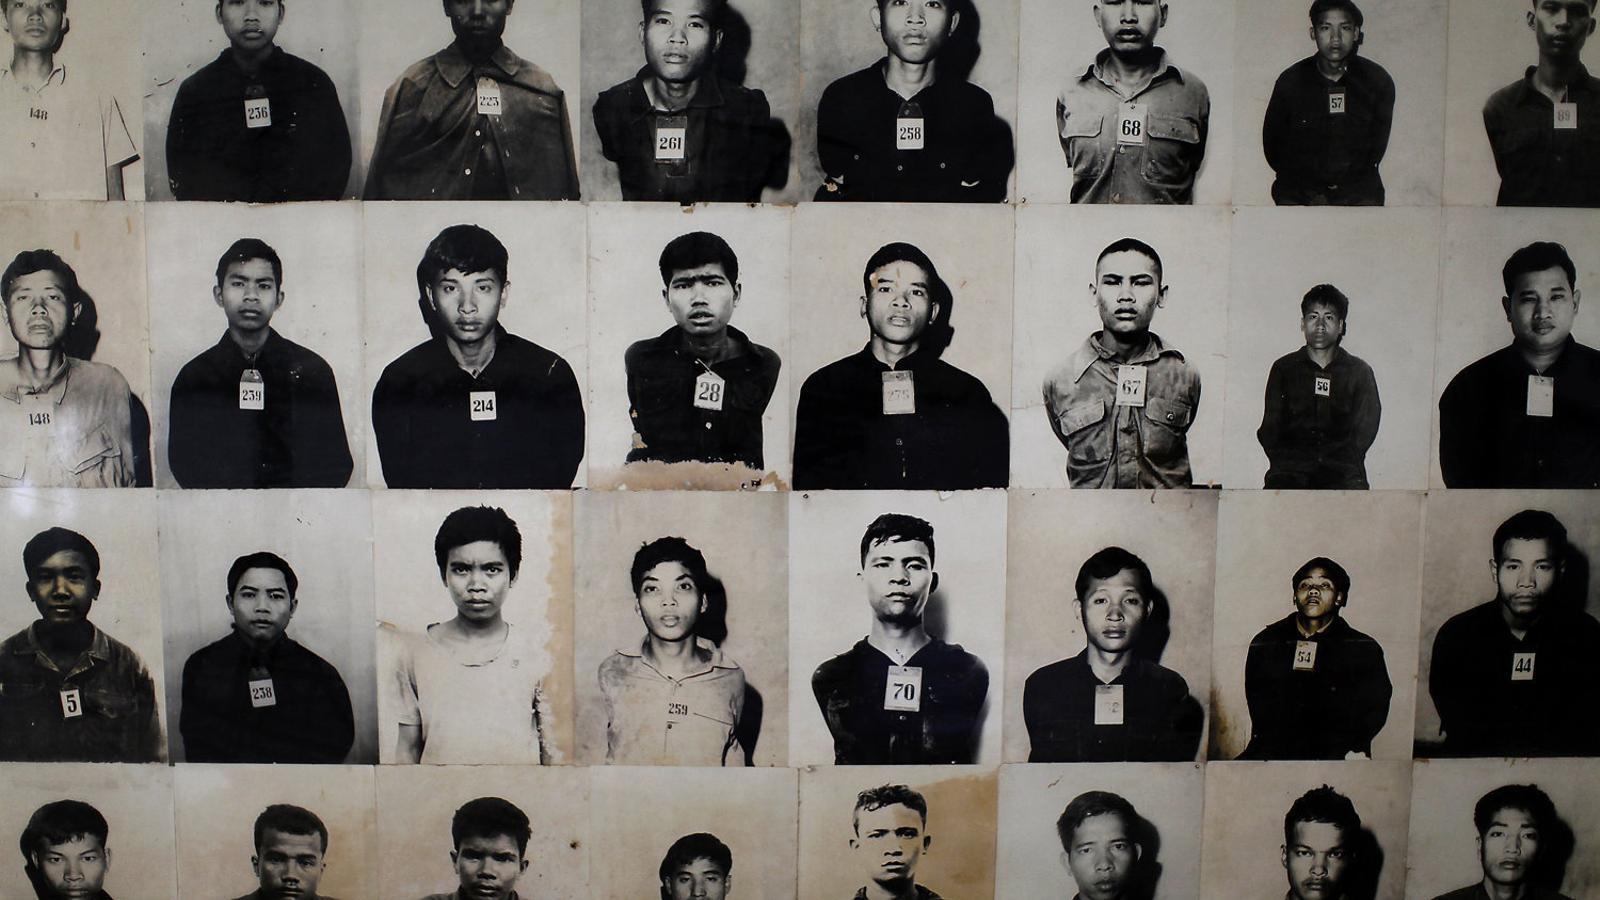 A l'esquerra, Khieu Samphan el 1976 quan era el primer ministre de la República de Cambodja i era aplaudit pels seus soldats. A dalt, Samphan escoltant el 16 de novembre el veredicte que el condemna per genocidi, que també va rebre Nuon Chea (foto inferior a la dreta). A la dreta, restes de les víctimes del règim dels Khmers Rojos exposades al centre del genocidi Choeung Ek, als afores de Phnom Penh.